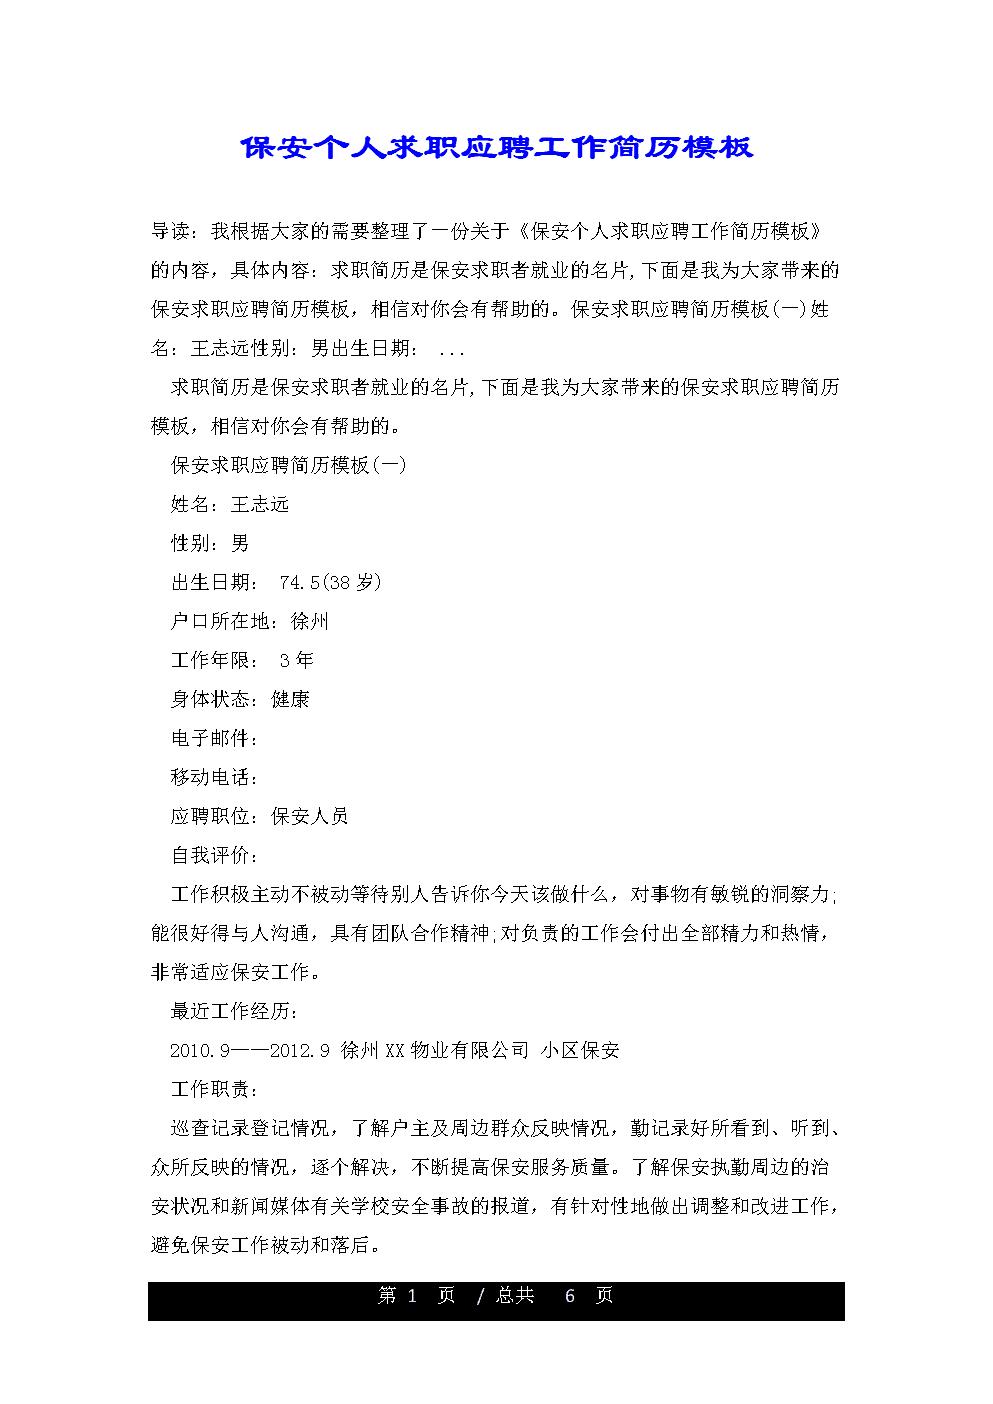 保安个人求职应聘工作简历模板.doc